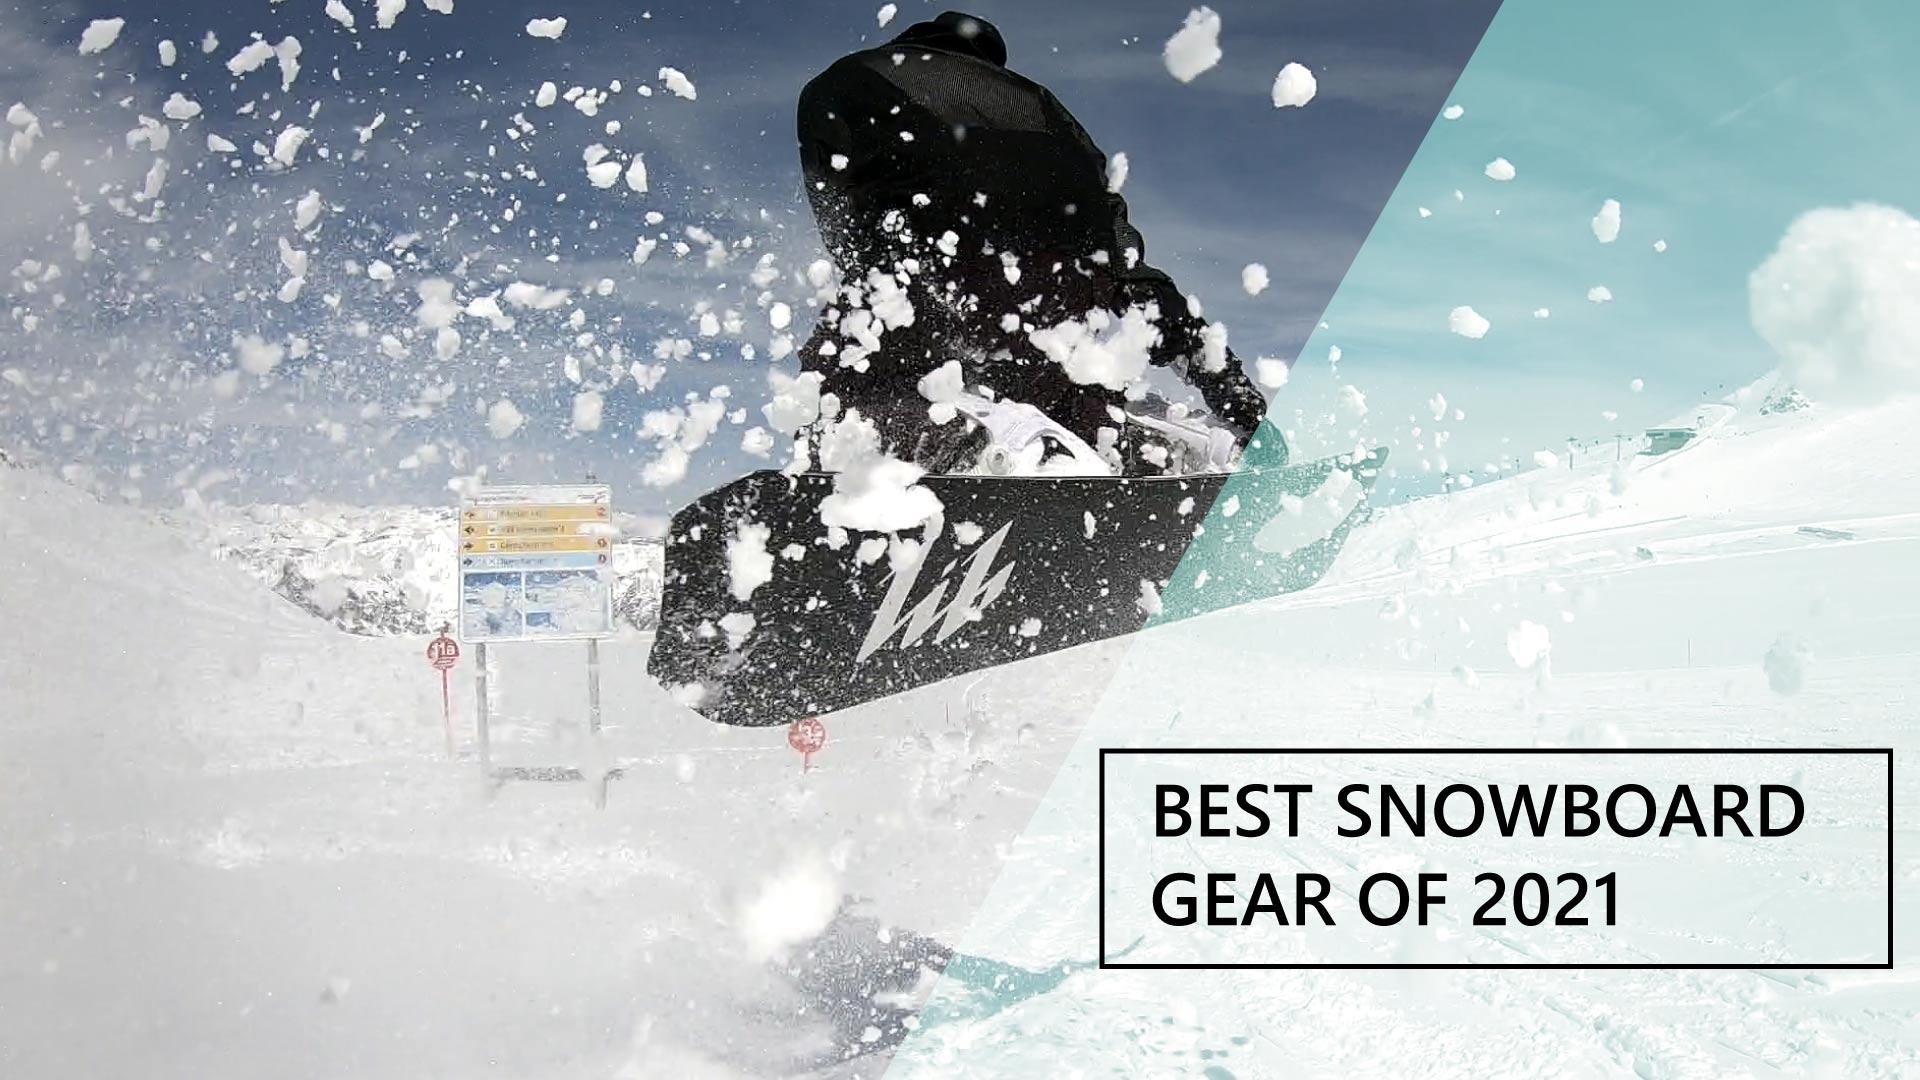 Best Snowboard Gear of 2021